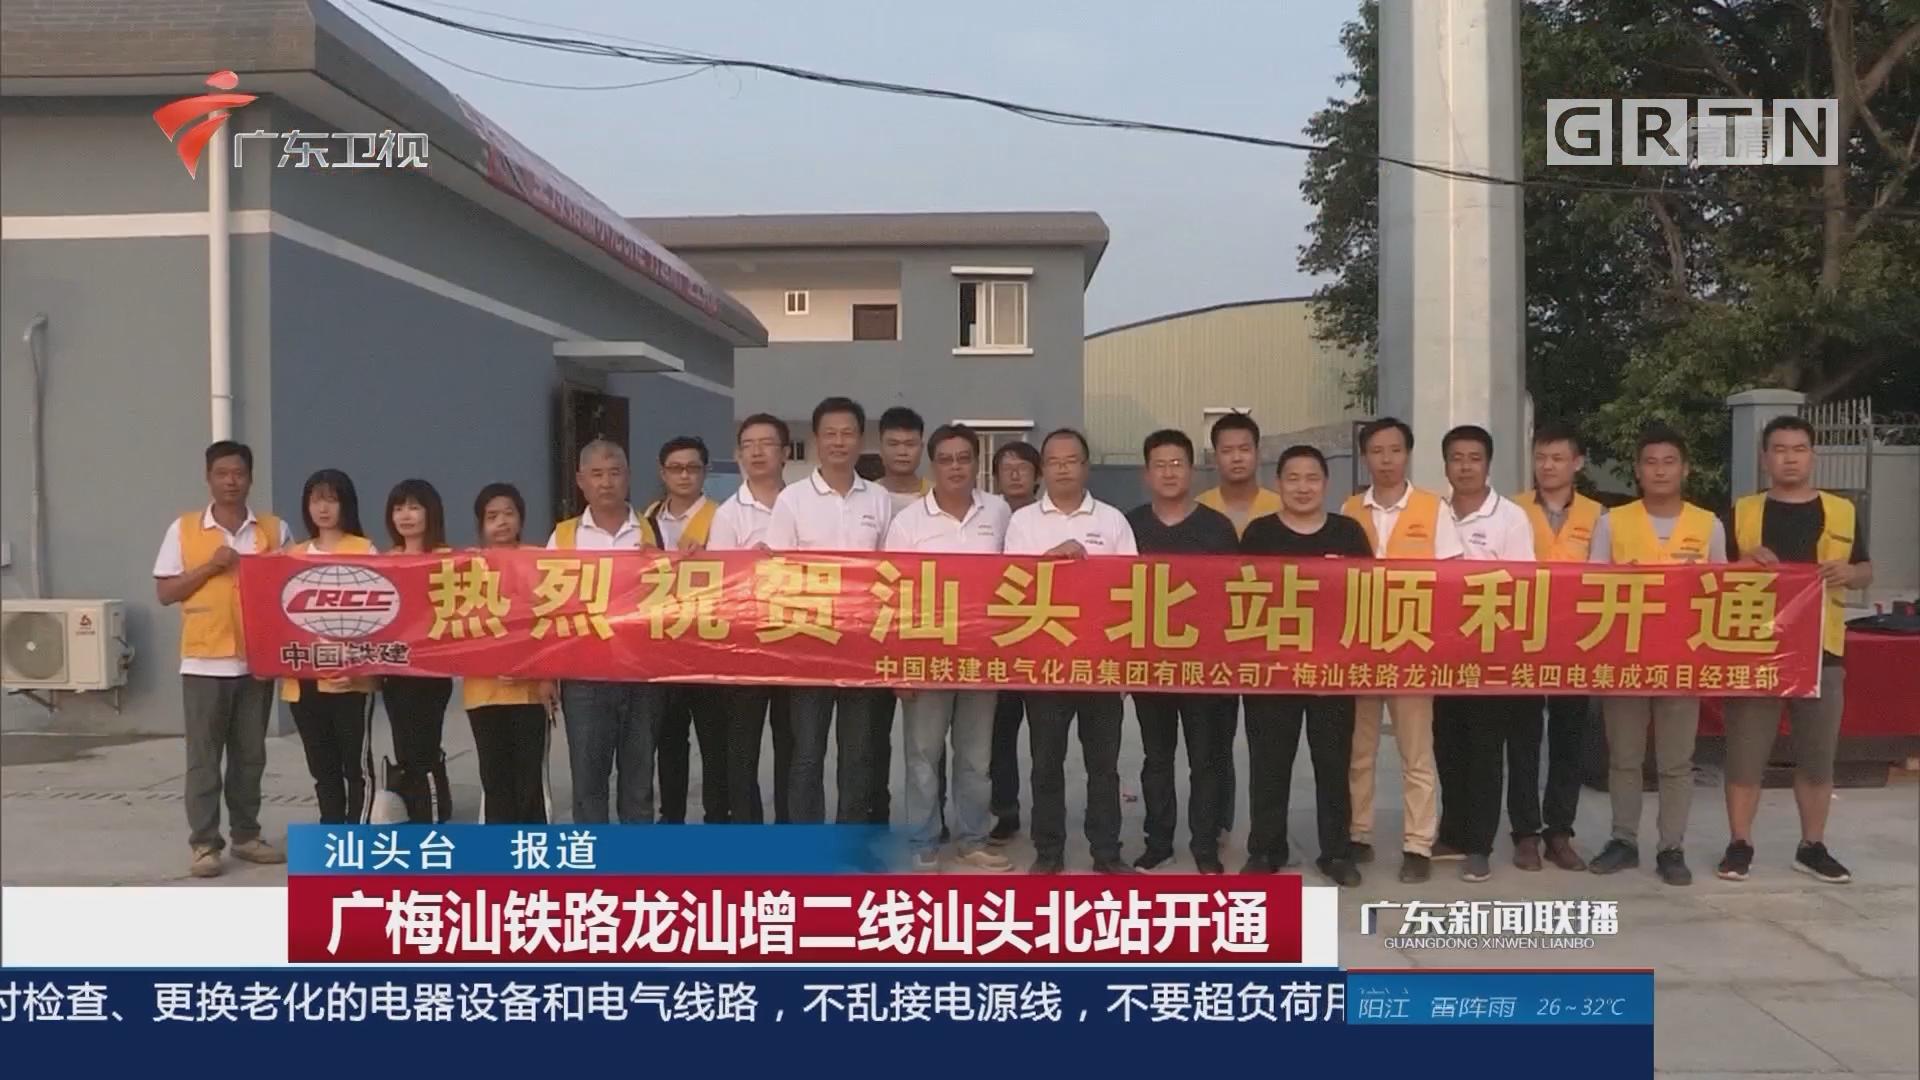 广梅汕铁路龙汕增二线汕头北站开通